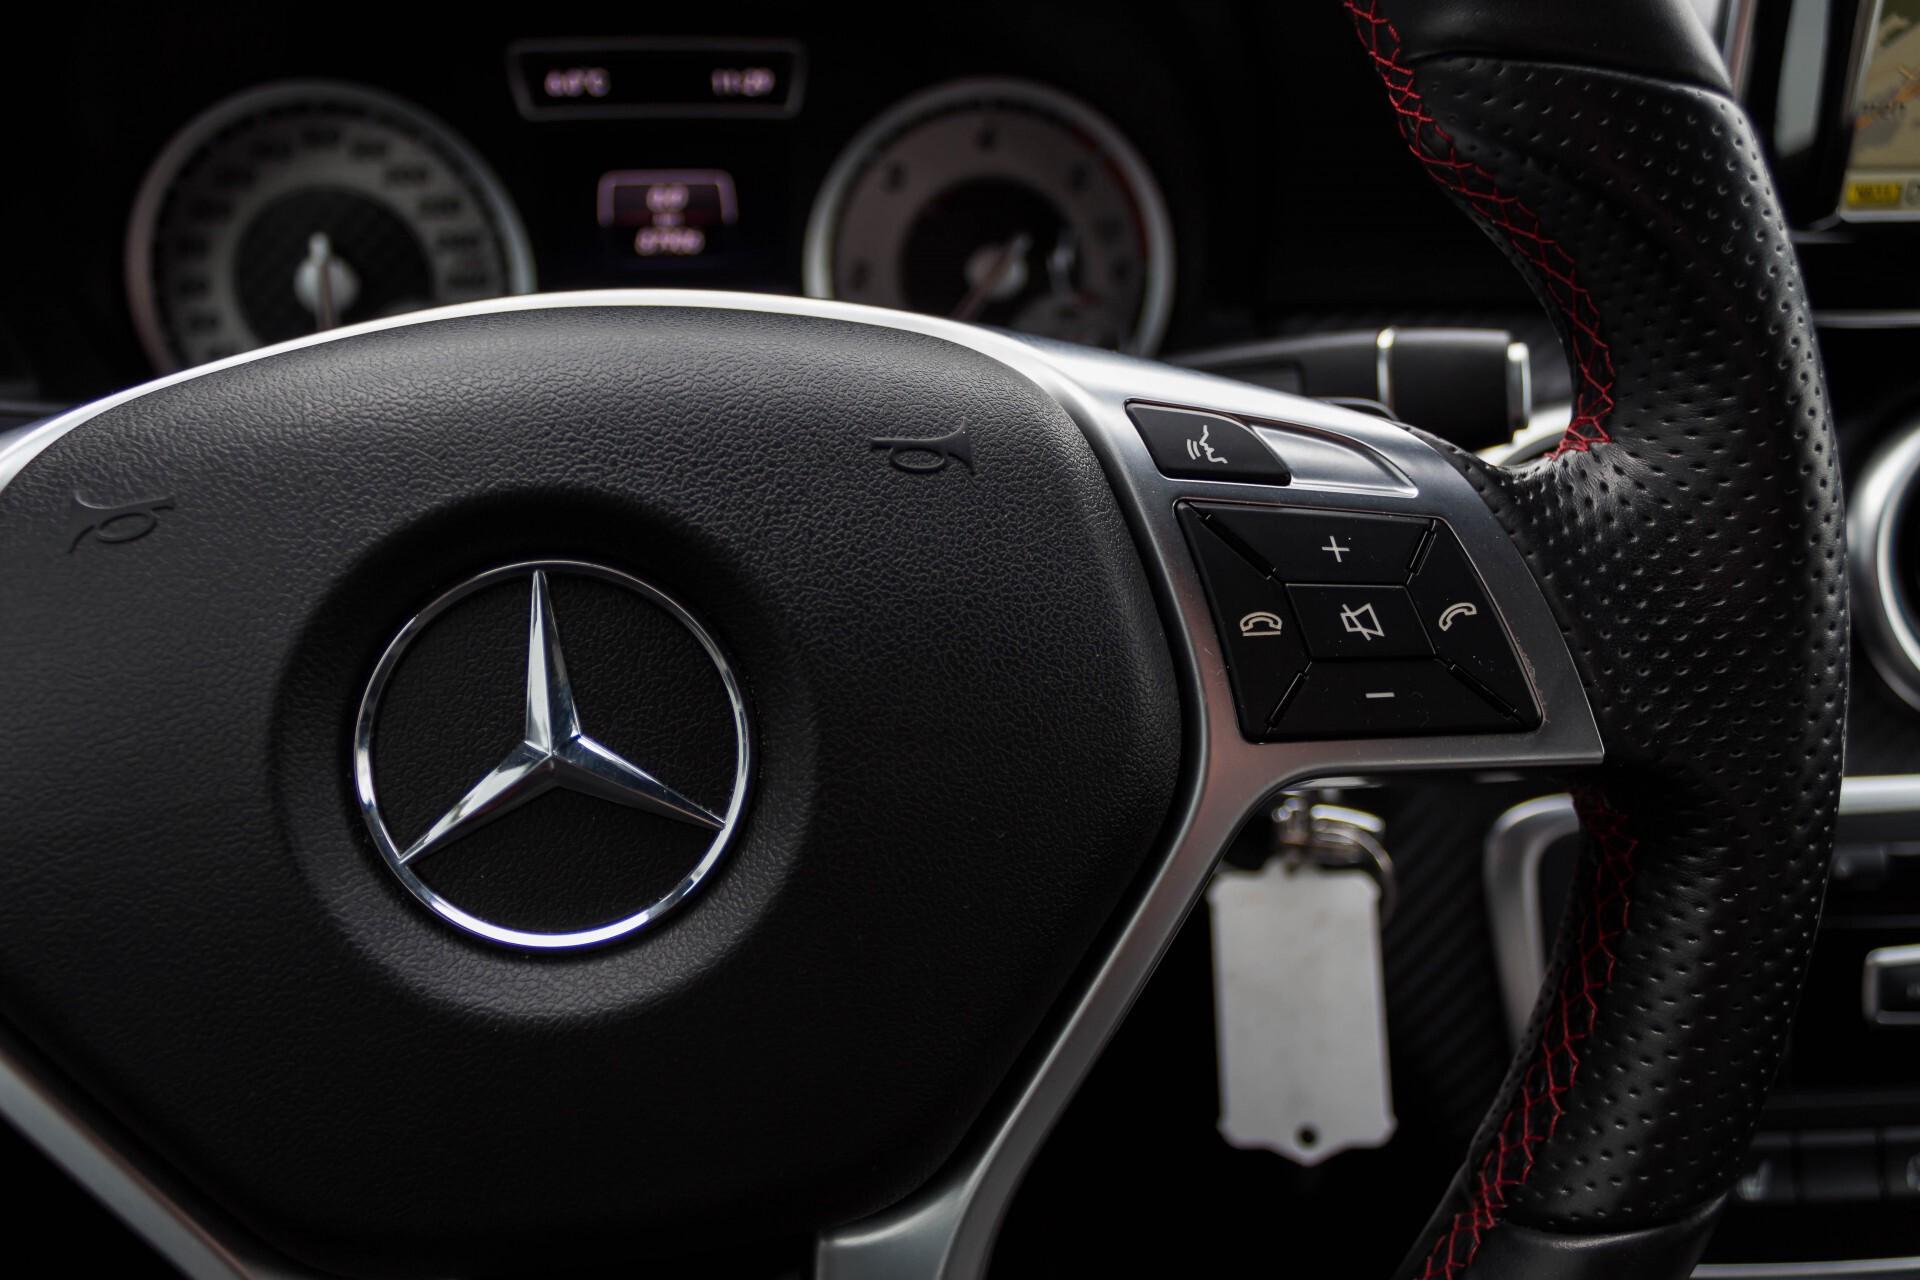 Mercedes-Benz A-Klasse 180 Cdi AMG Panorama Bi-xenon/Navi/PTS Aut7 Foto 13